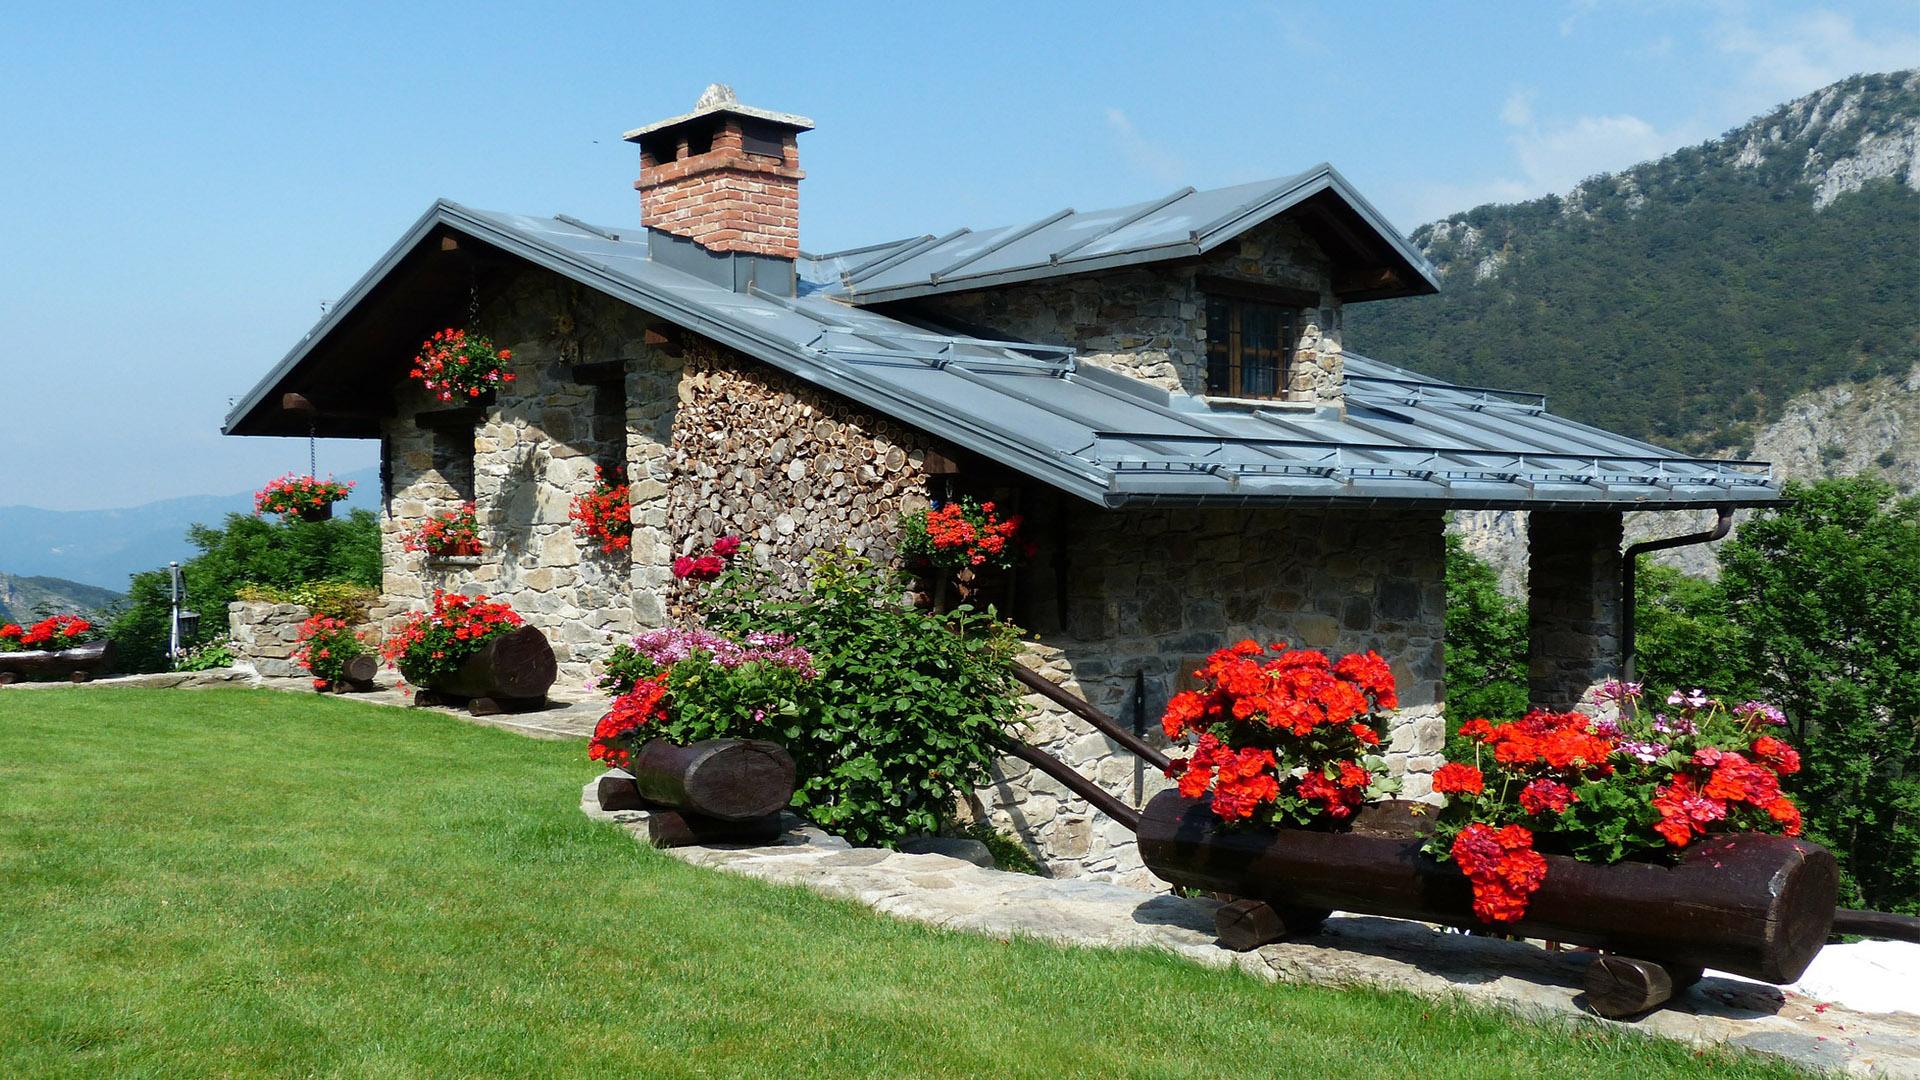 O aluguel de casa surge como uma excelente opção para que deseja organizar uma viagem para a família com baixo orçamento.